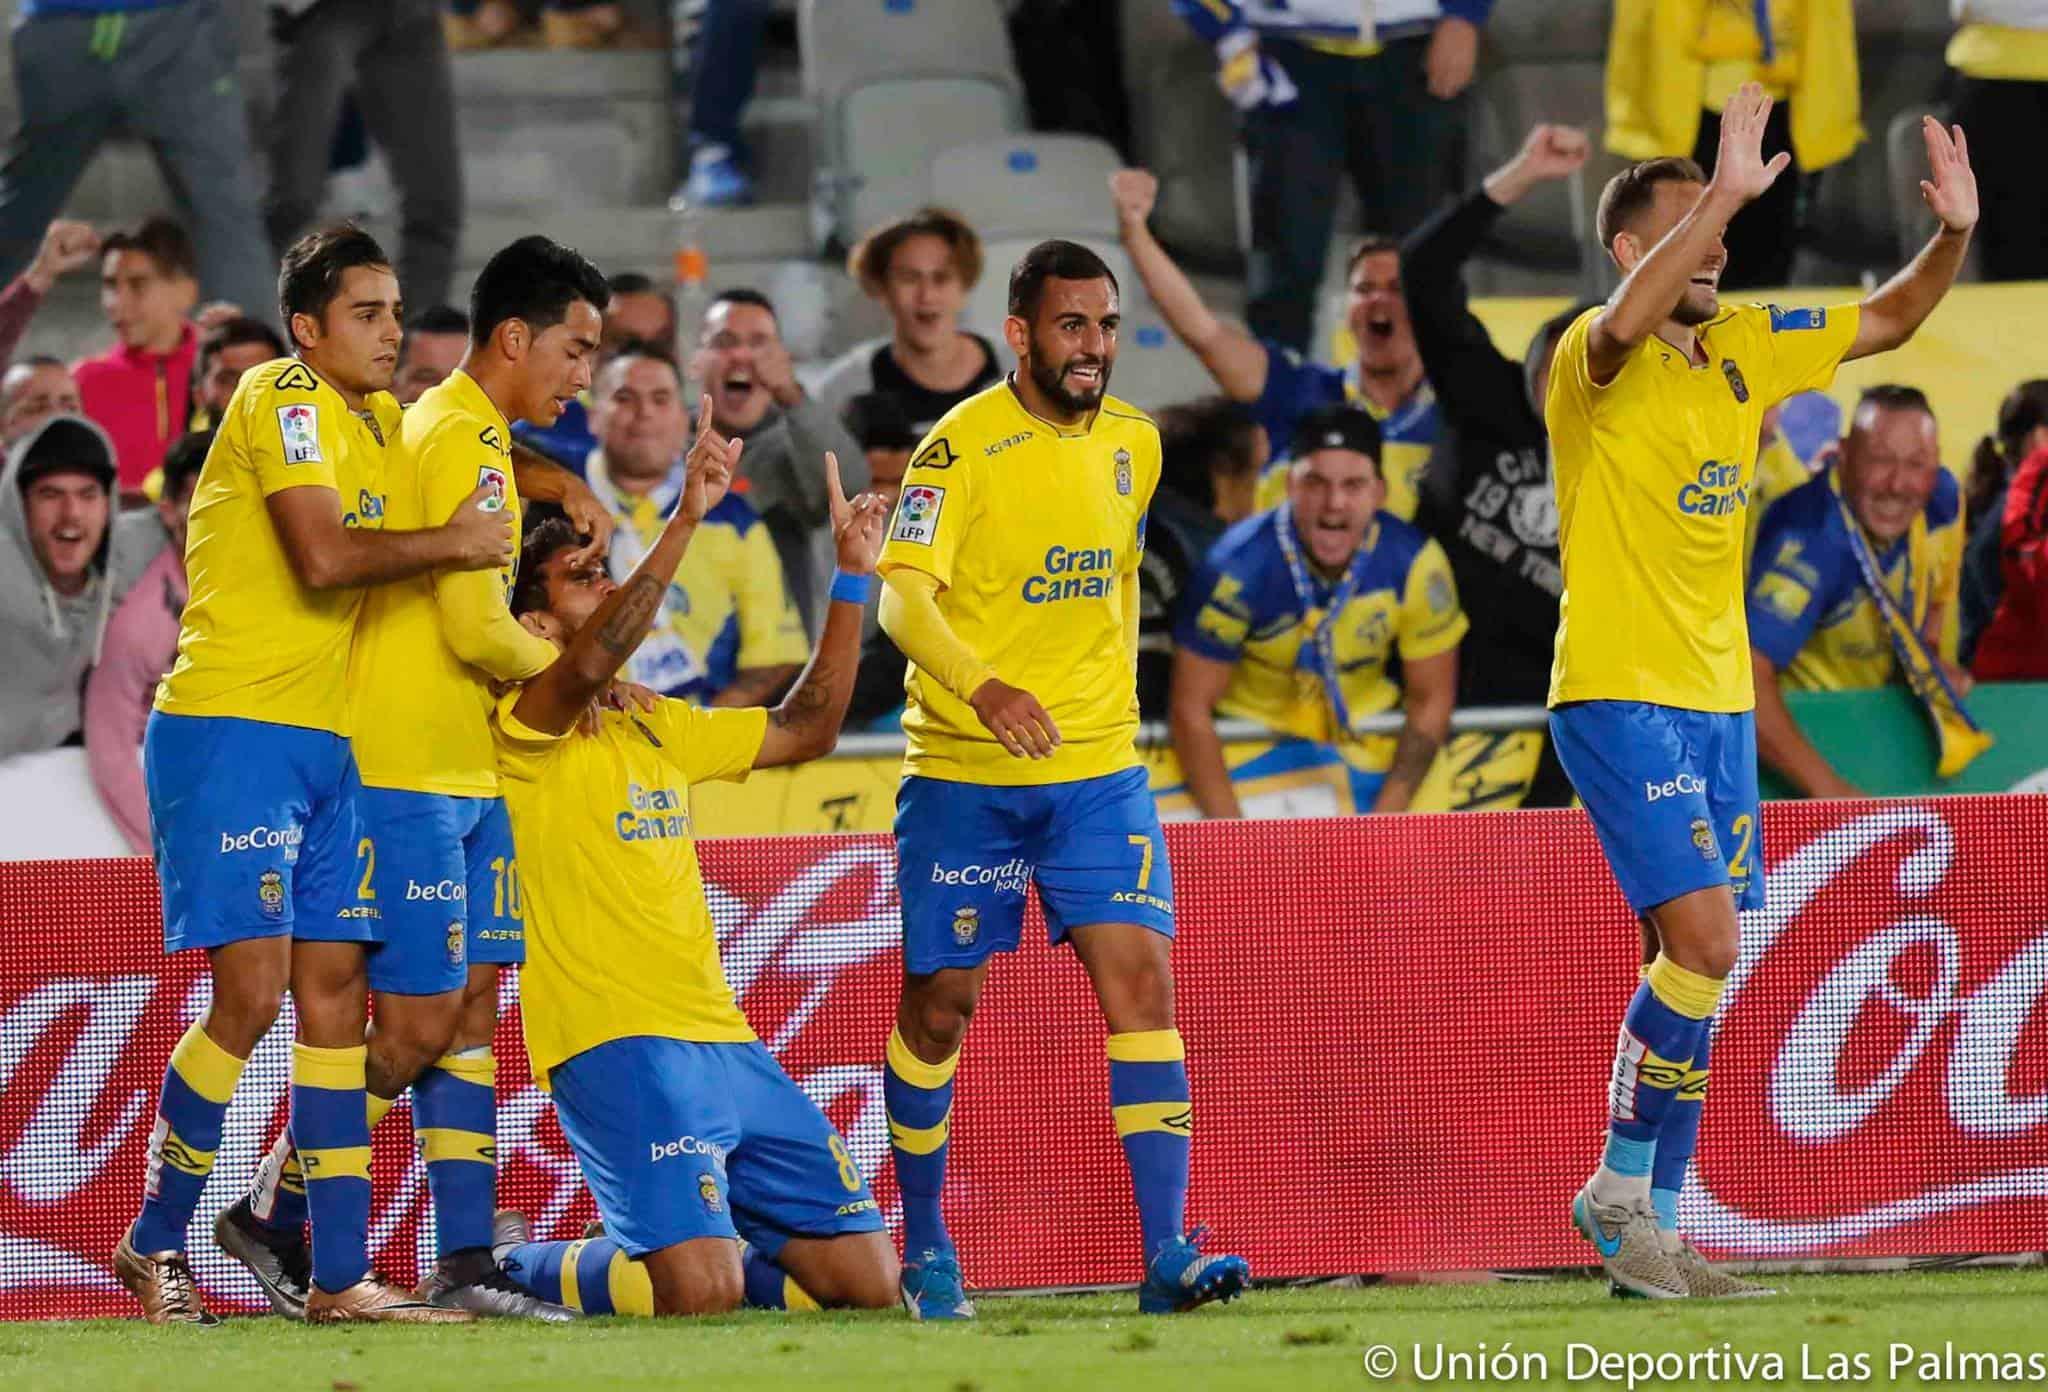 Granada v Las Palmas - La Liga